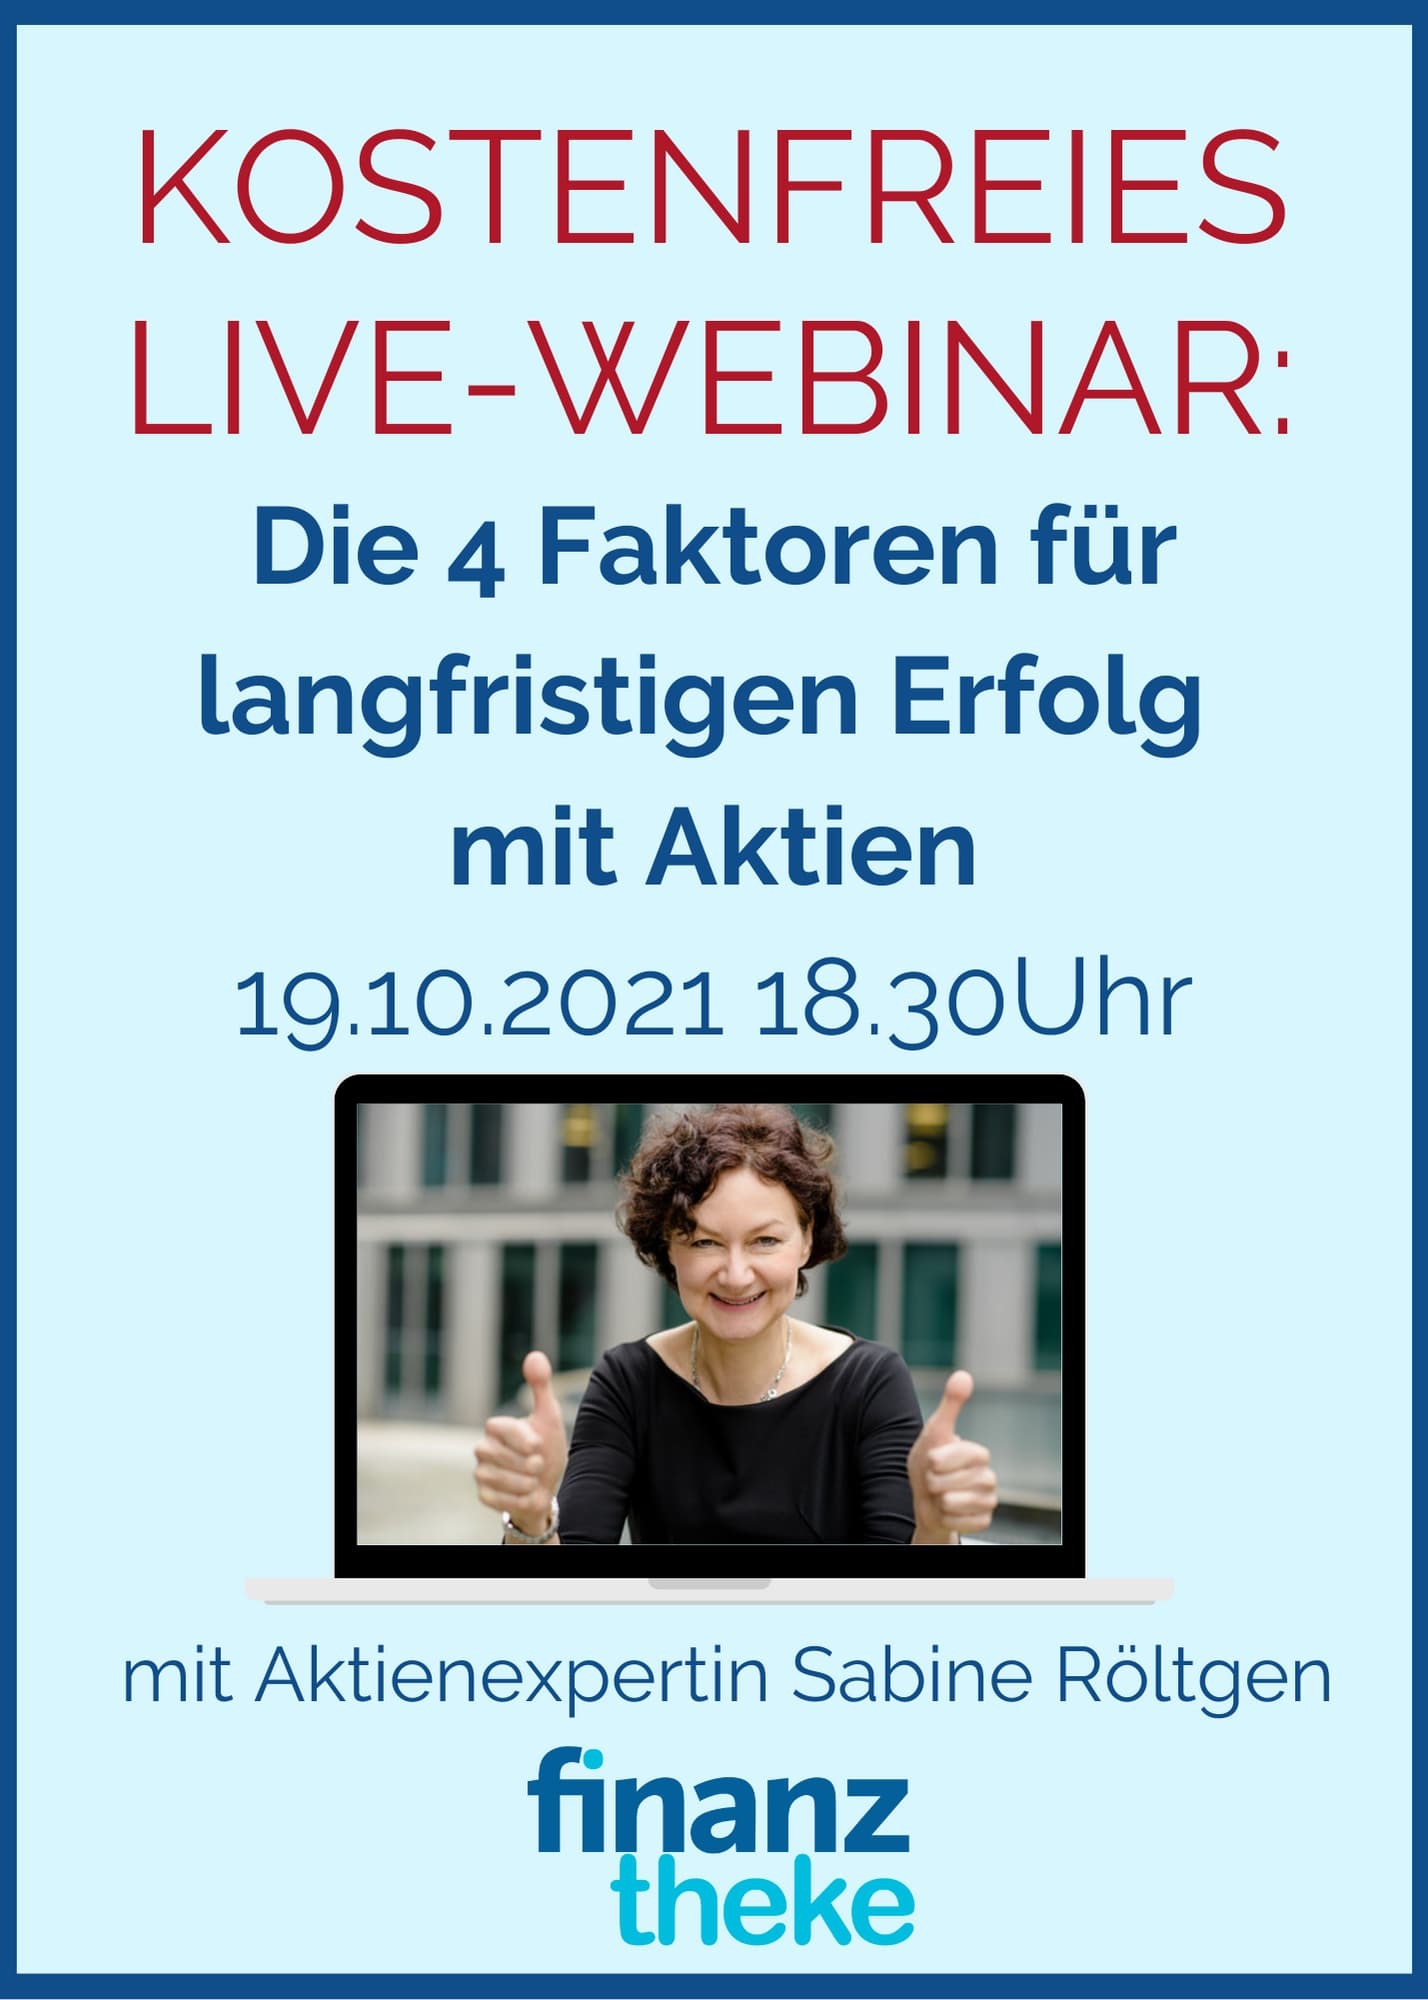 Kostenfreies live-Webinar zum Start mit Aktien